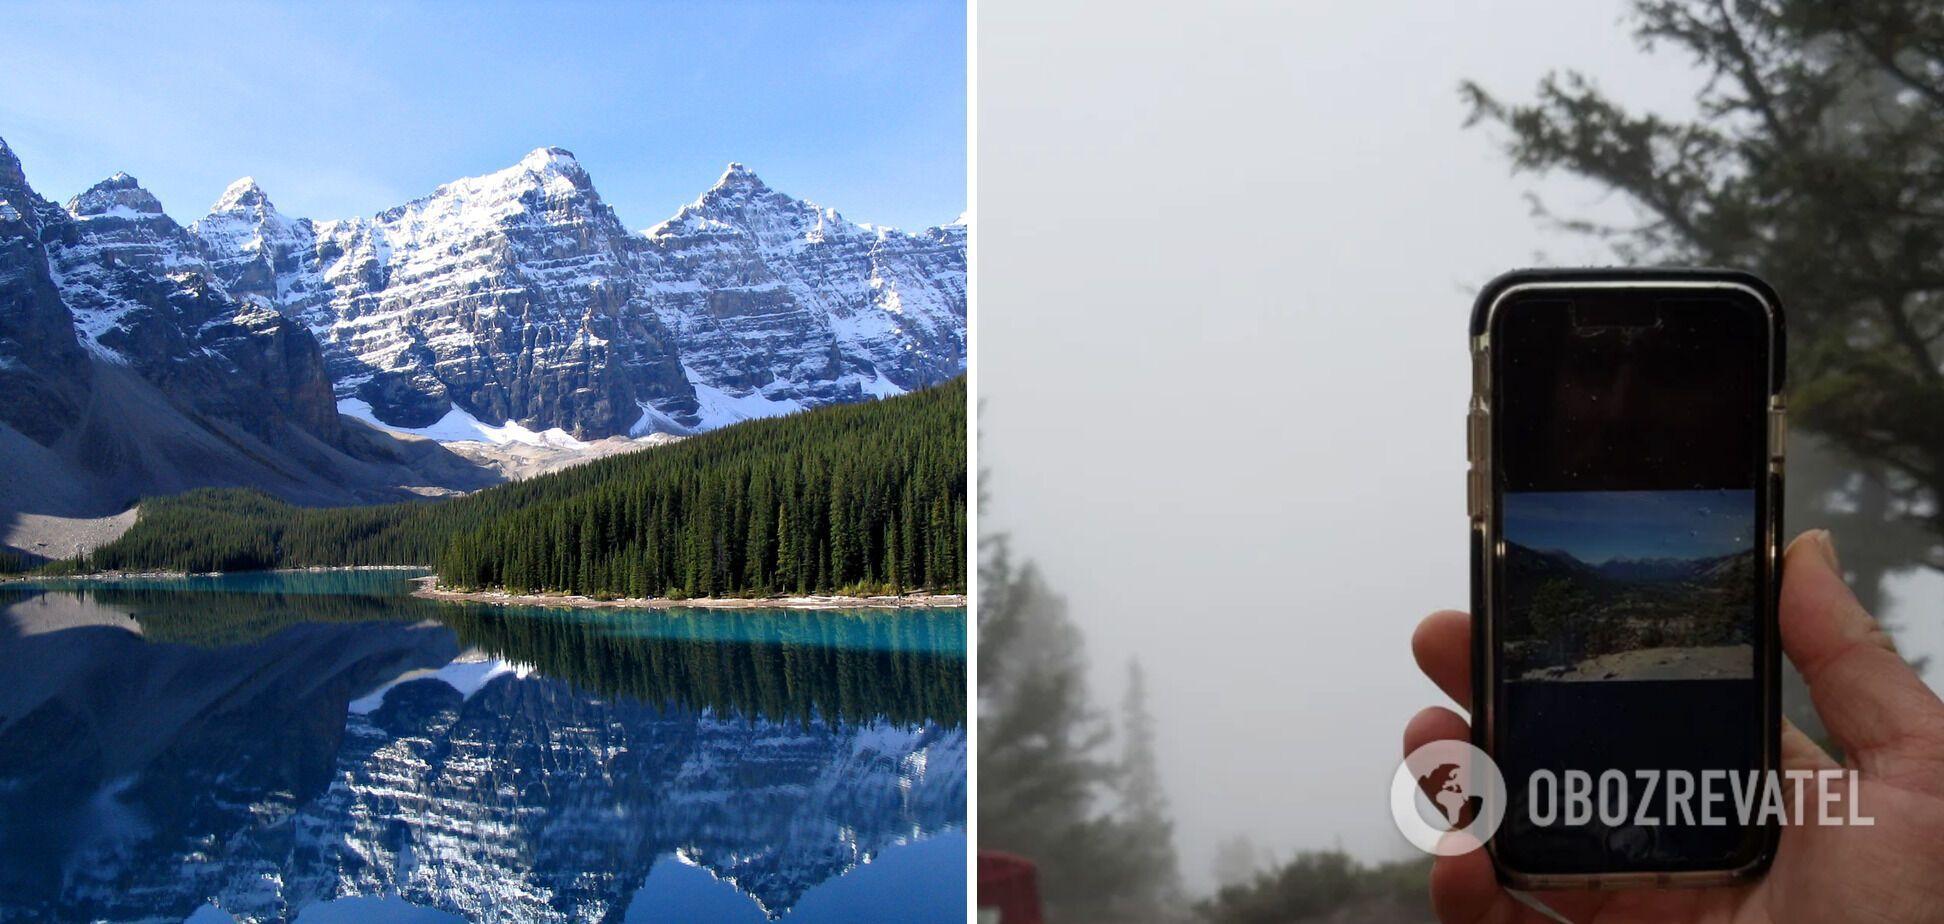 Після кількагодинного підйому – туристи милувалися туманом